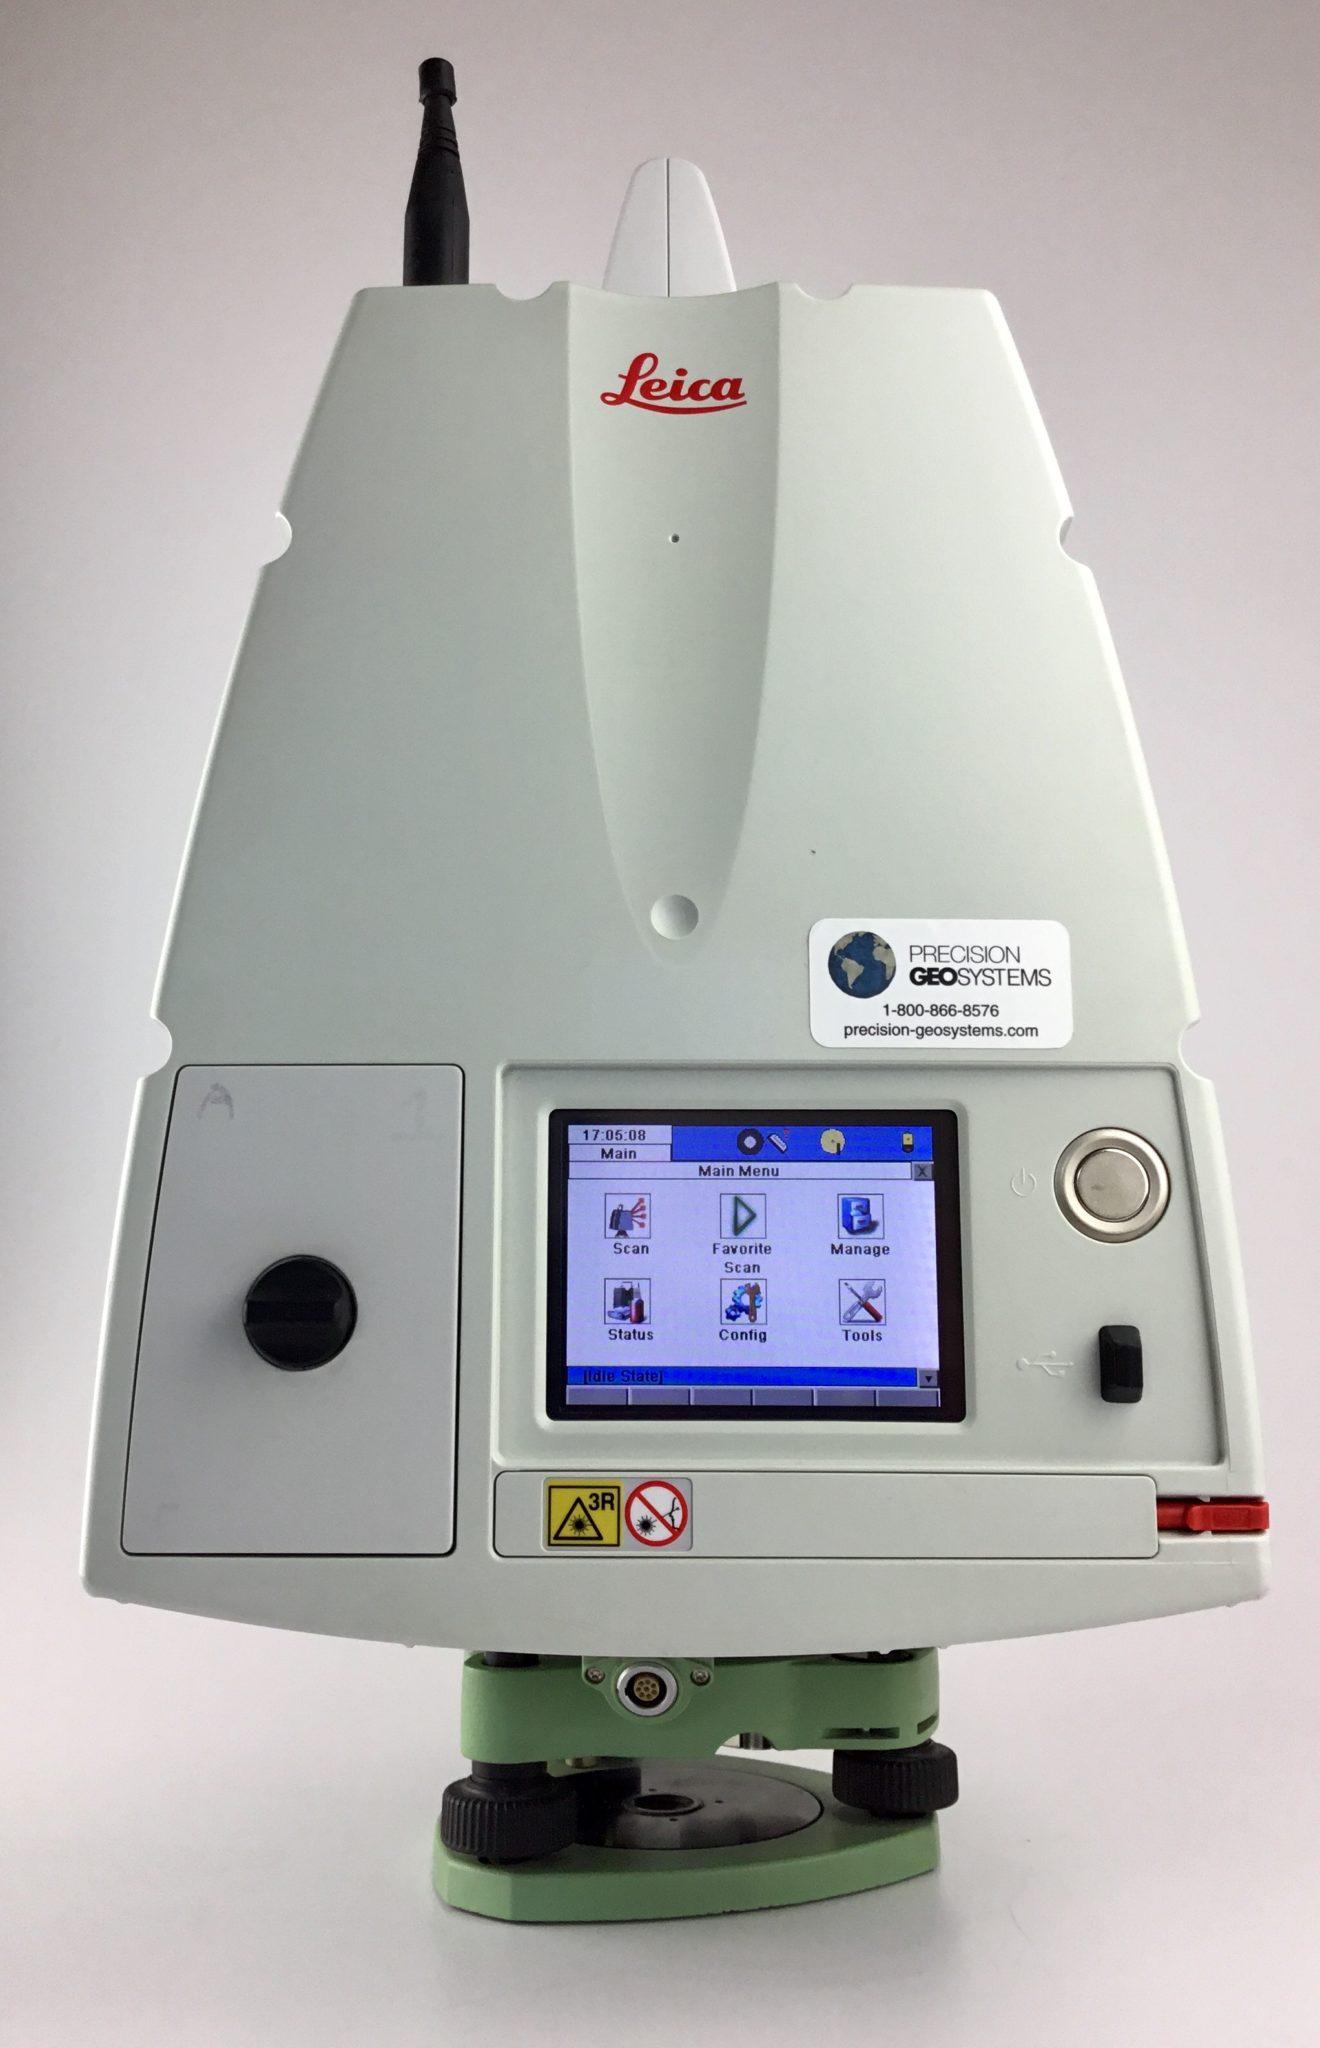 Leica ScanStation C10 Lidar Laser Scanner Kit Rental | Precision